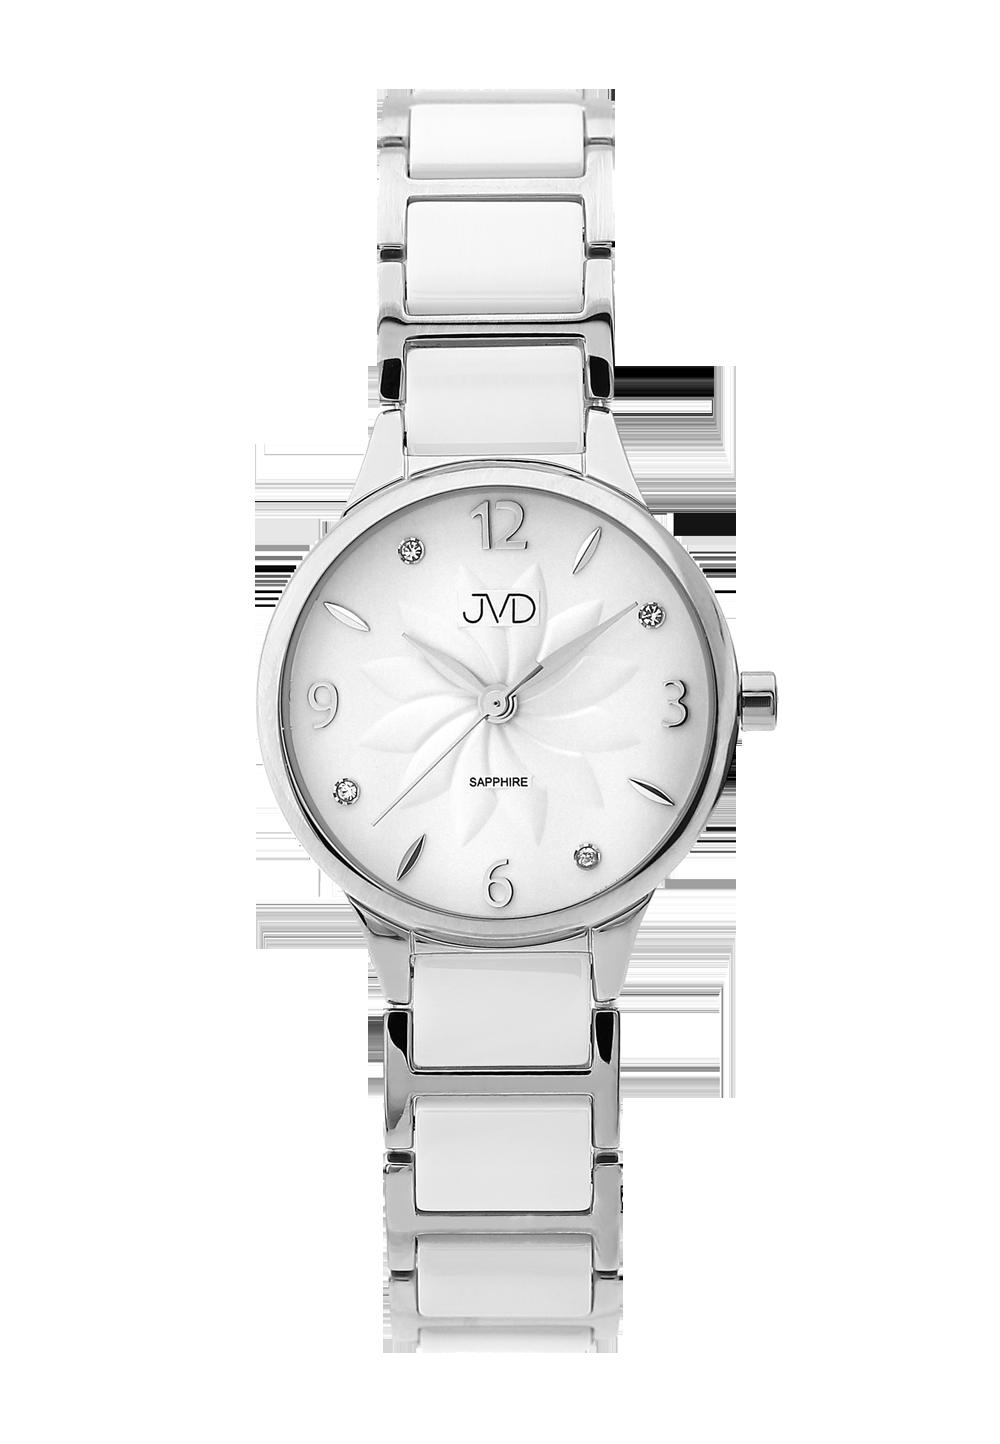 c1262b5514b Dámské náramkové keramické hodinky JVD JG1001.1 se safírovým sklem  (POŠTOVNÉ ZDARMA!